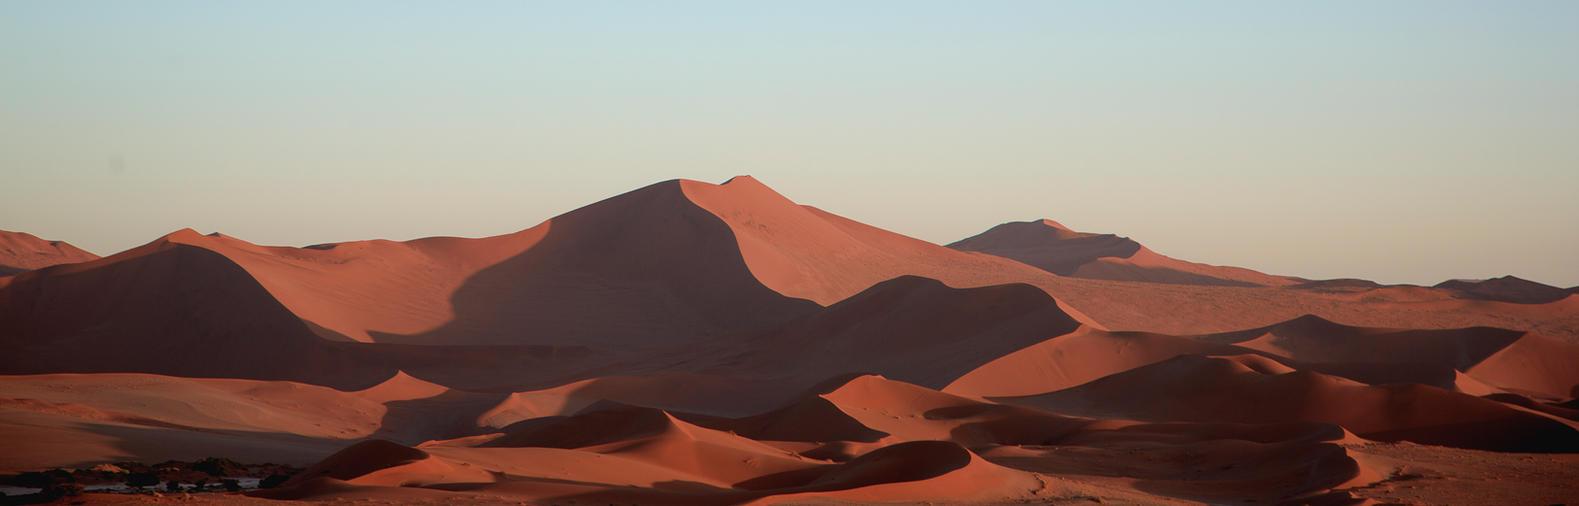 Namibean Dunes by StarsofNight